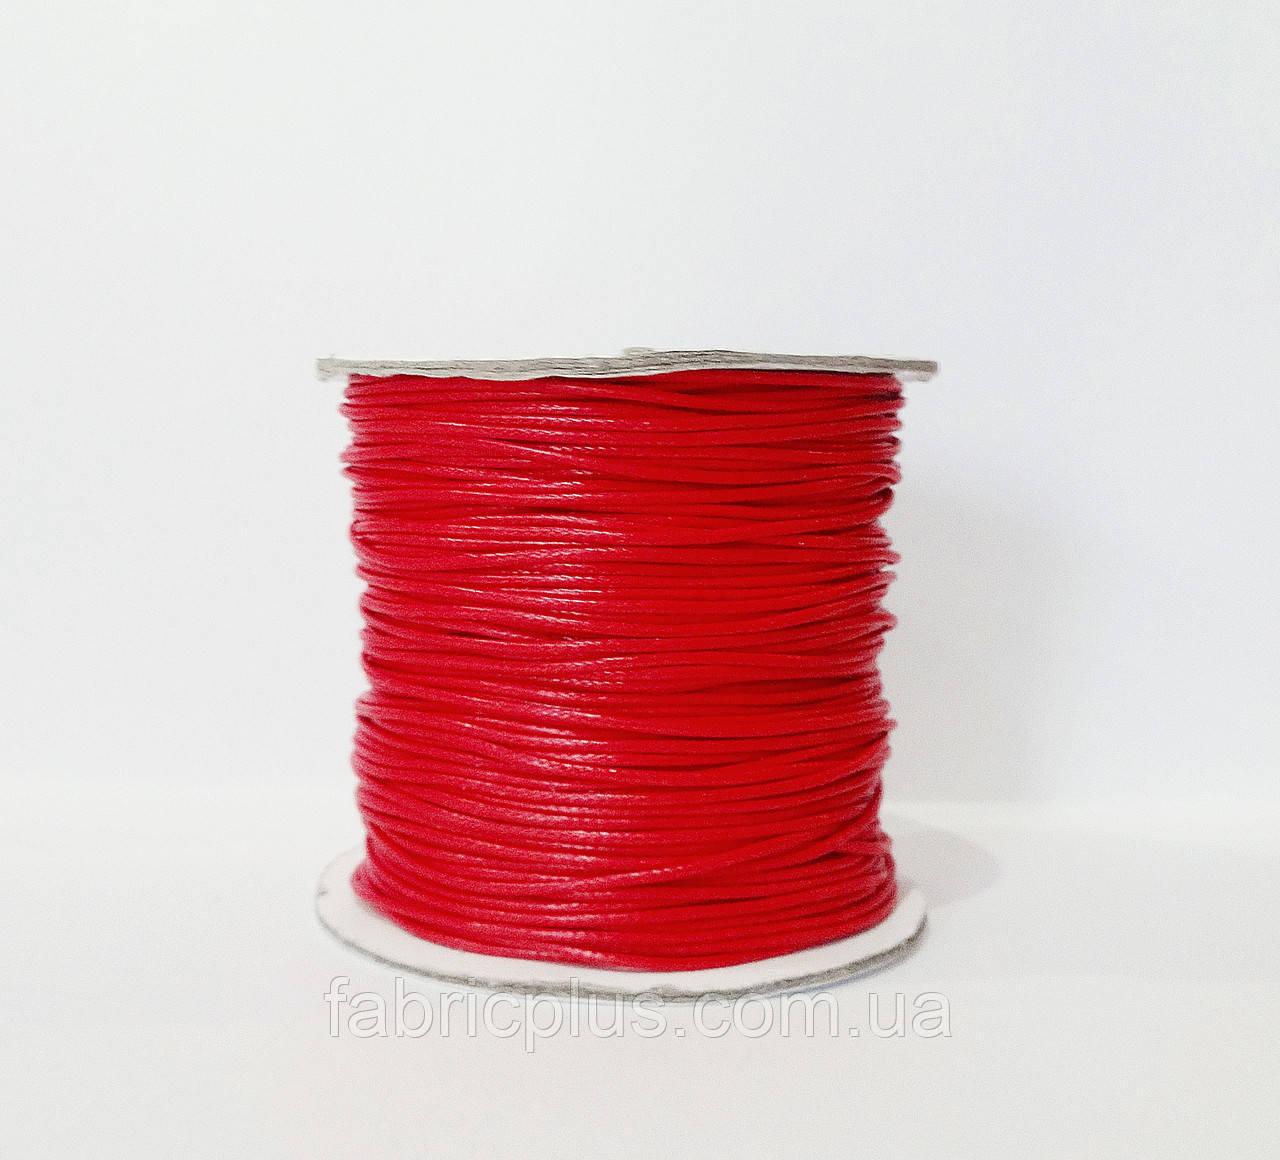 Шнур вощеный 1,0 мм для шамболы, красный